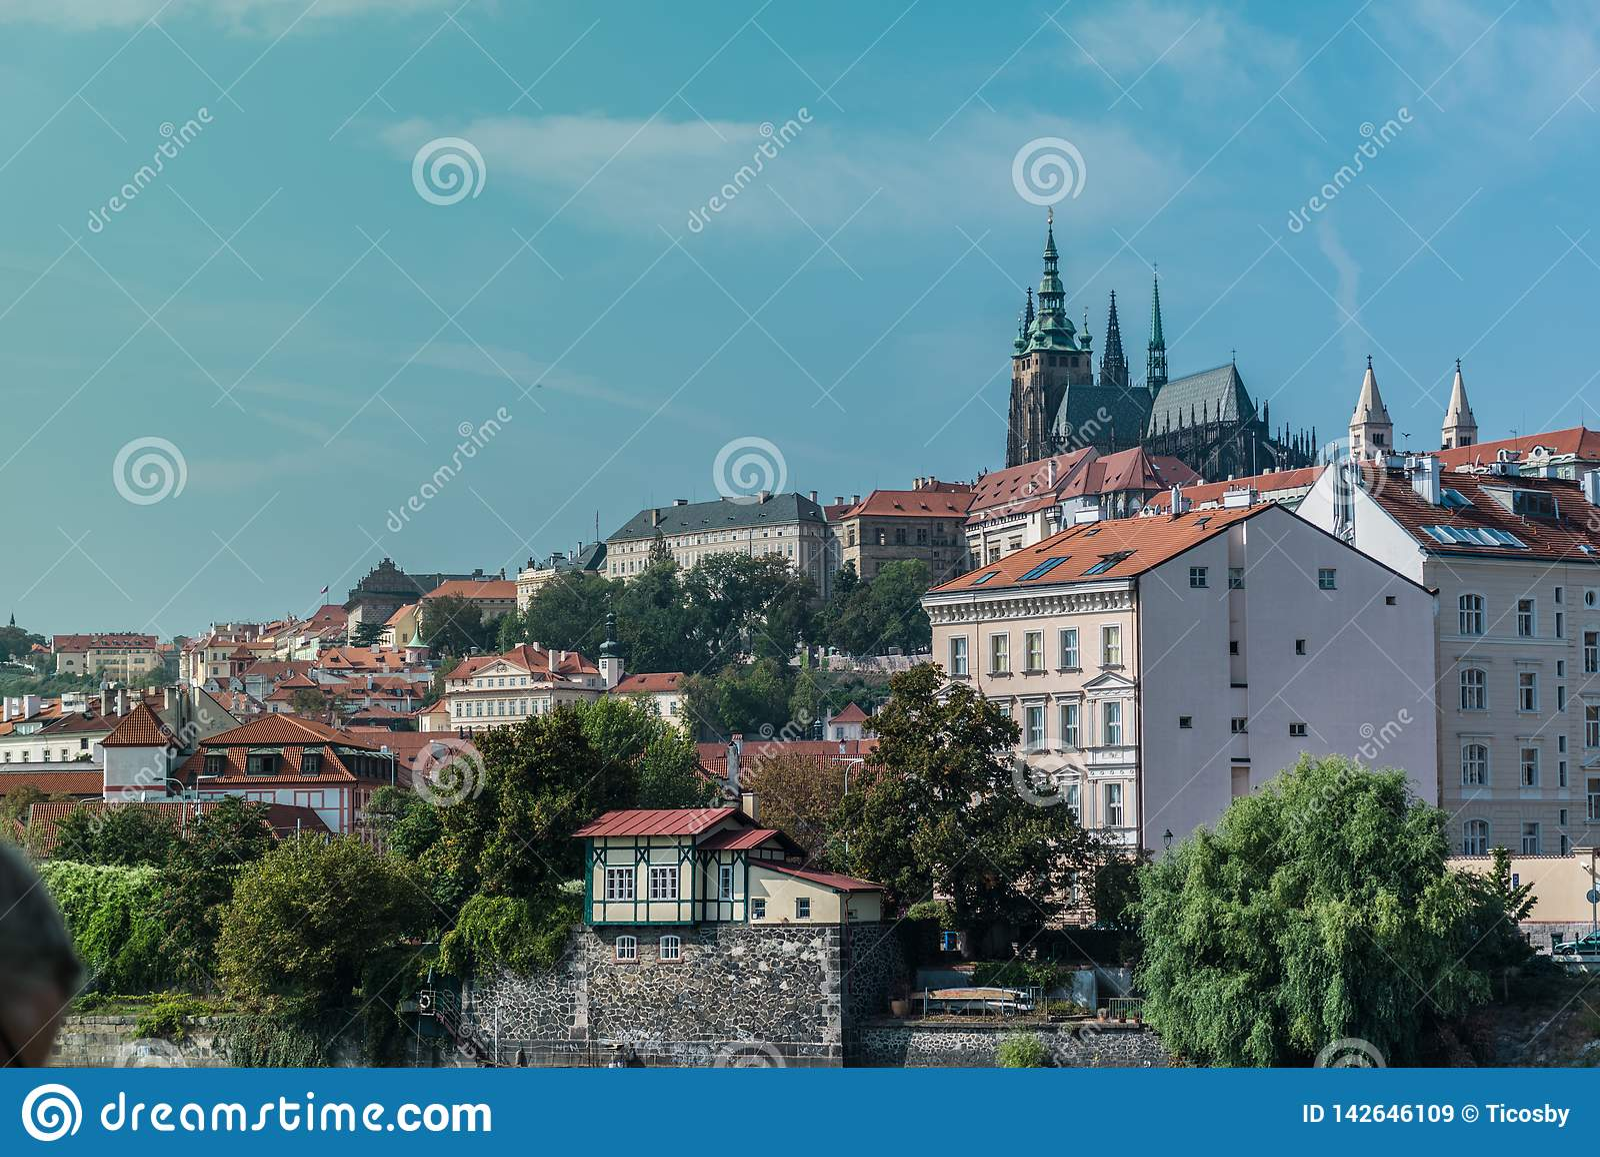 Ansicht der alten Stadt von Prag, mit den Türmen der Stadtkathedrale der Heiliger Vitus, Wenceslaus und Adalbert